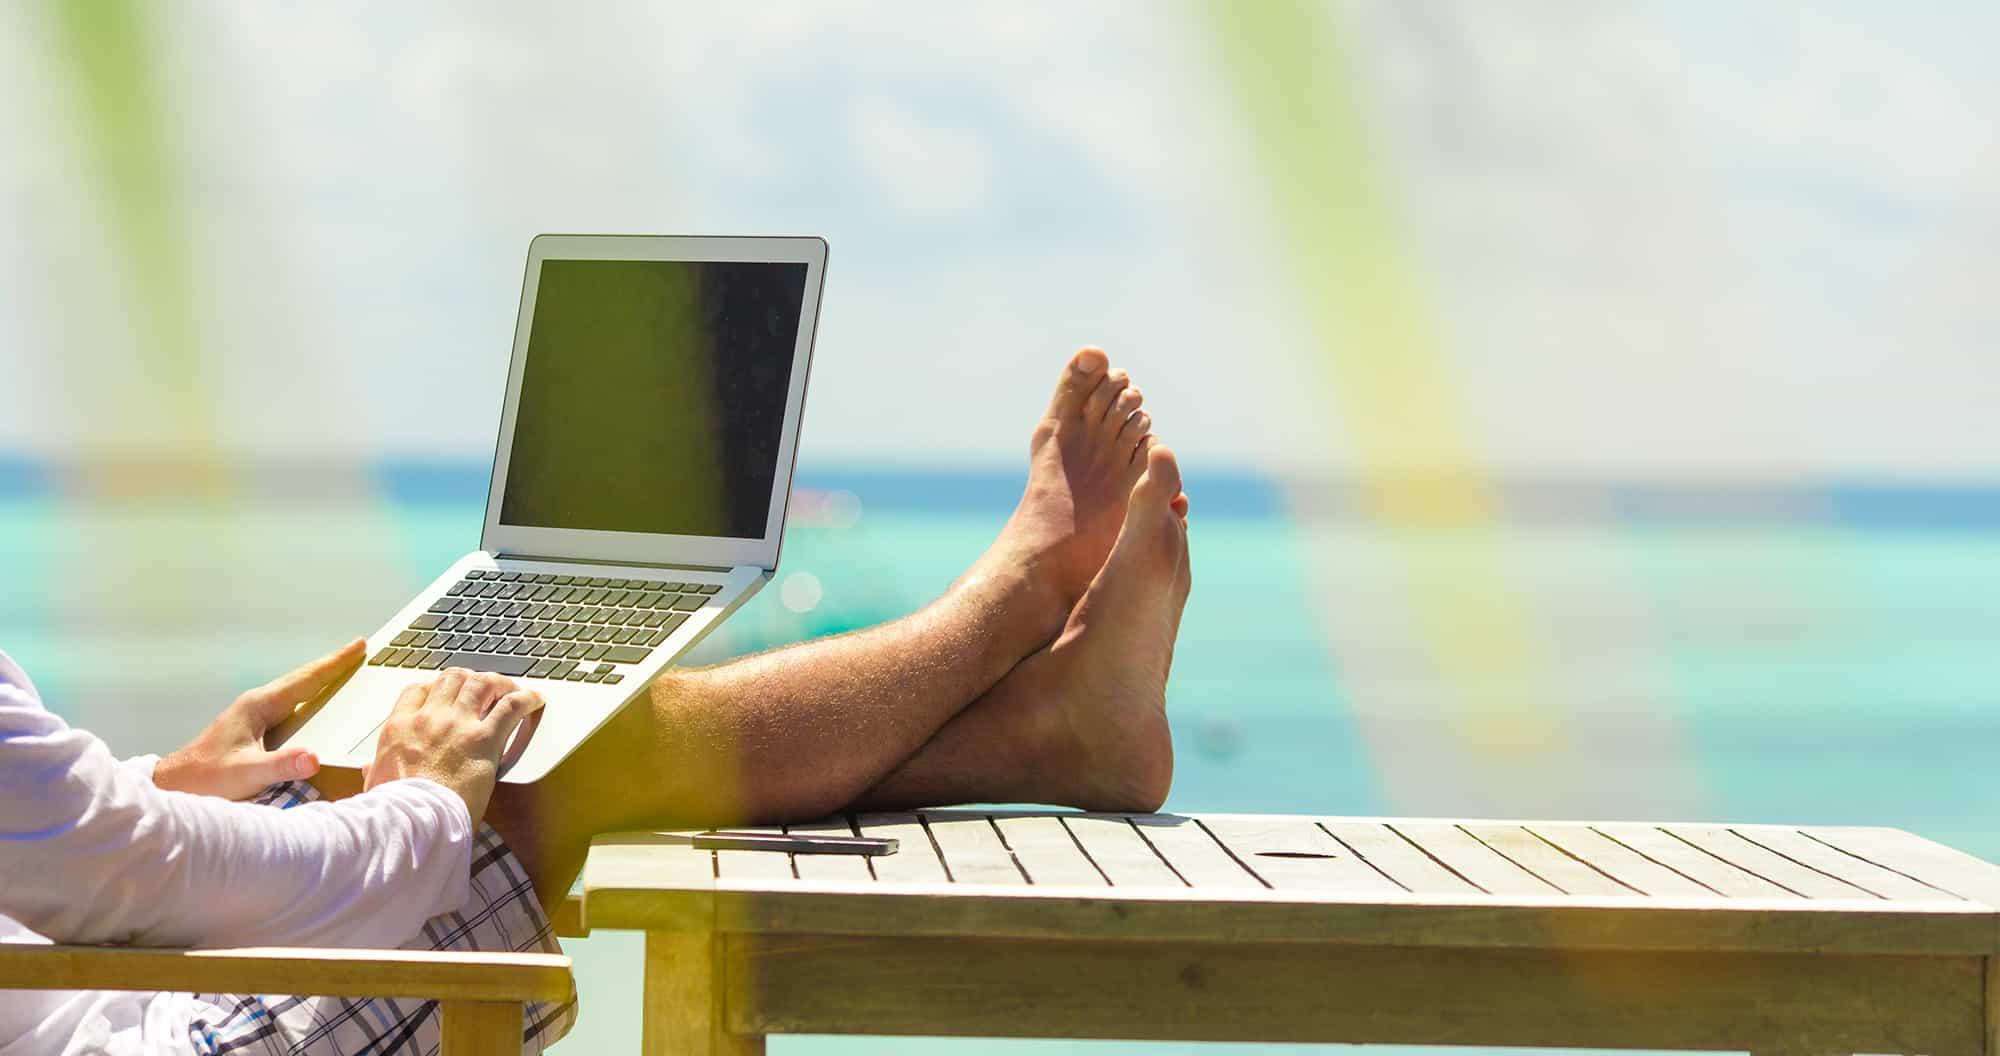 best surf destinations digital nomads travel blogger surfing